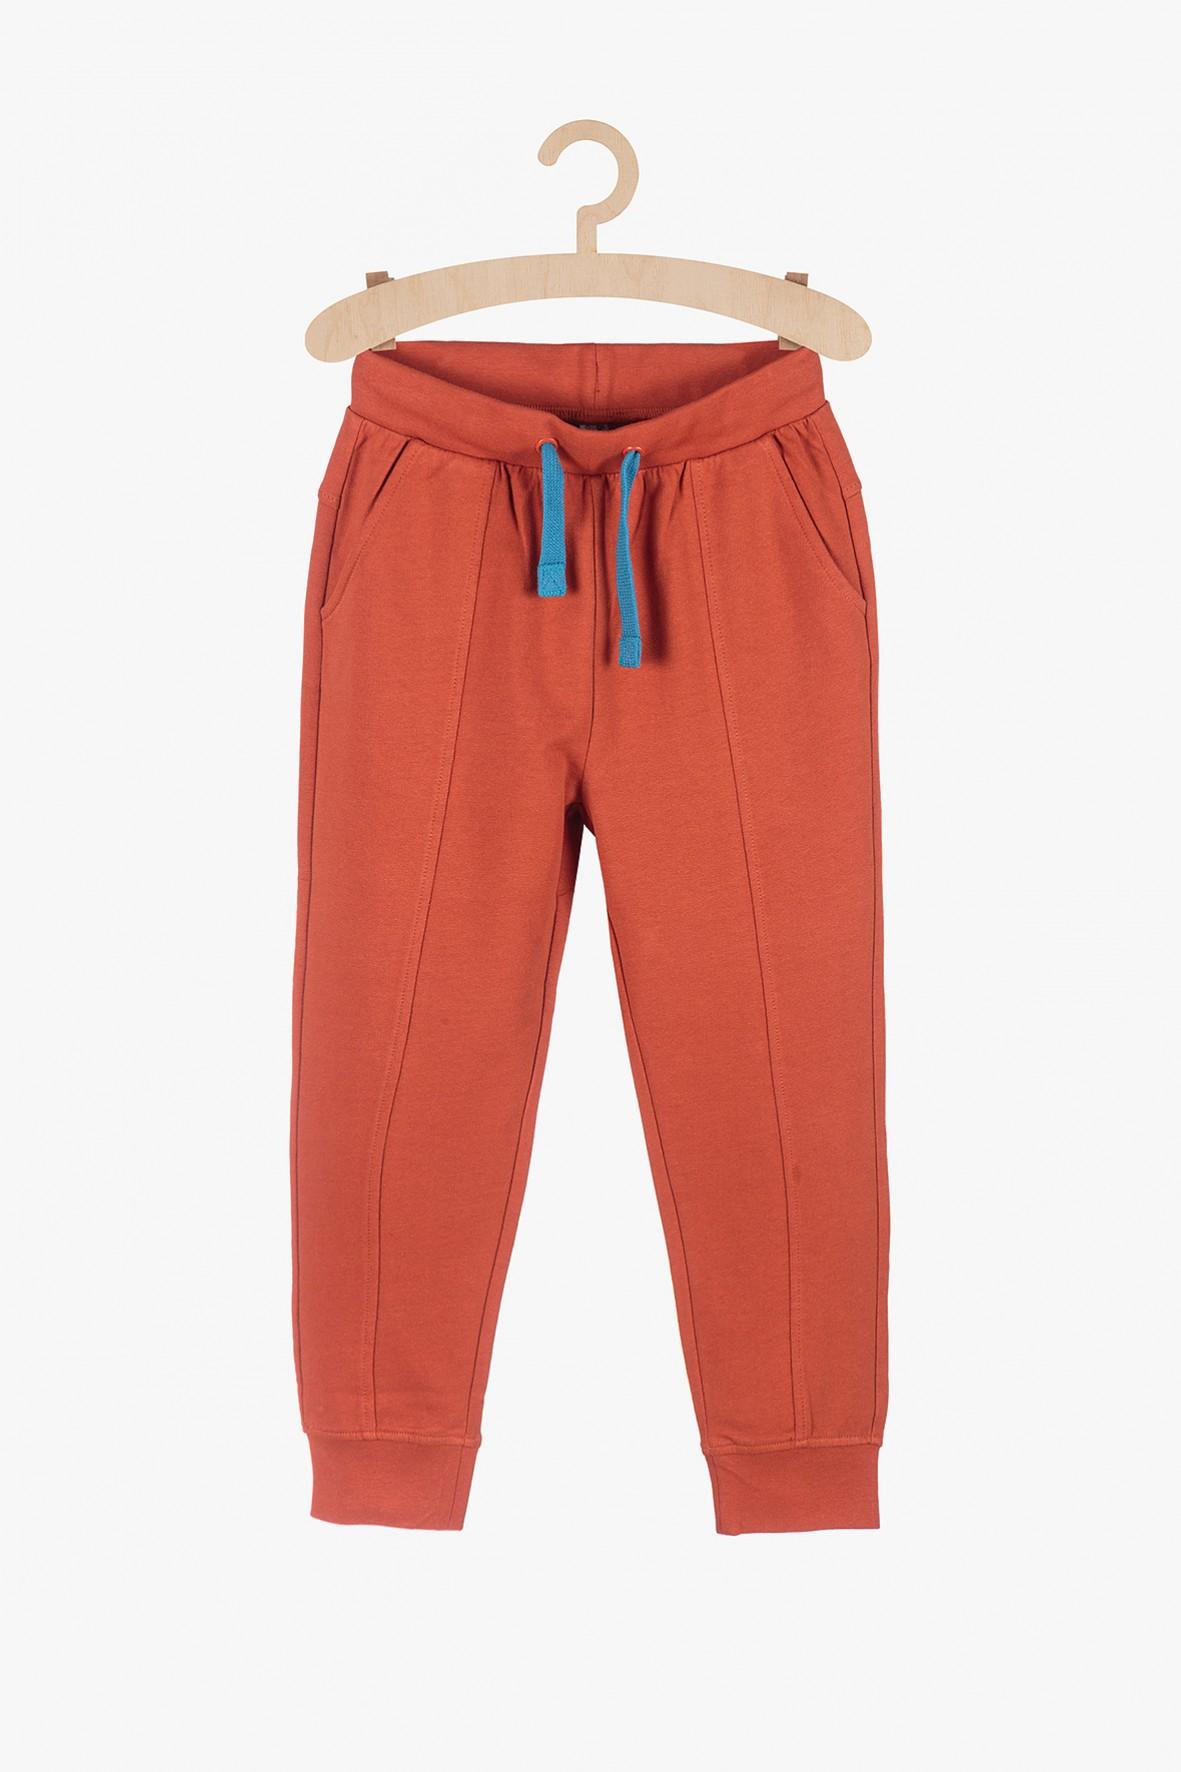 Spodnie dresowe dla chłopca - pomarańczowe